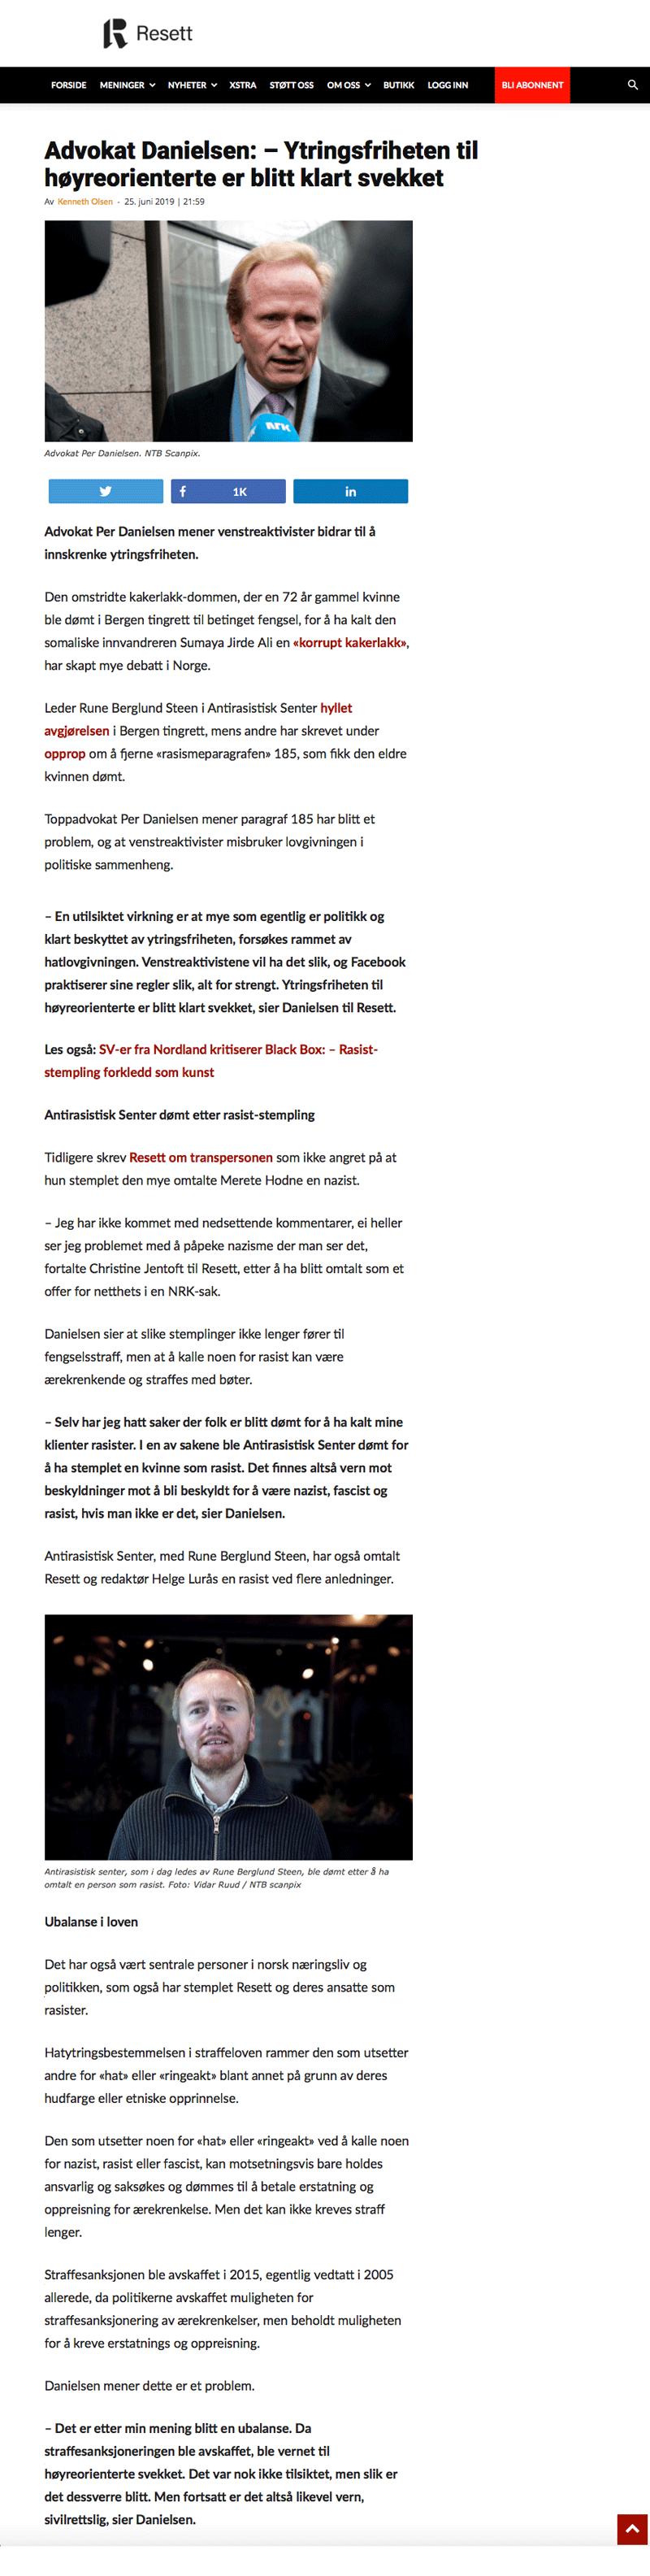 Advokat Danielsen - Ytringsfriheten til høyreorienterte er klart svekket. Alminnelig praksis. Advokat Danielsen & Co. Per Danielsen. Advokat i Oslo.